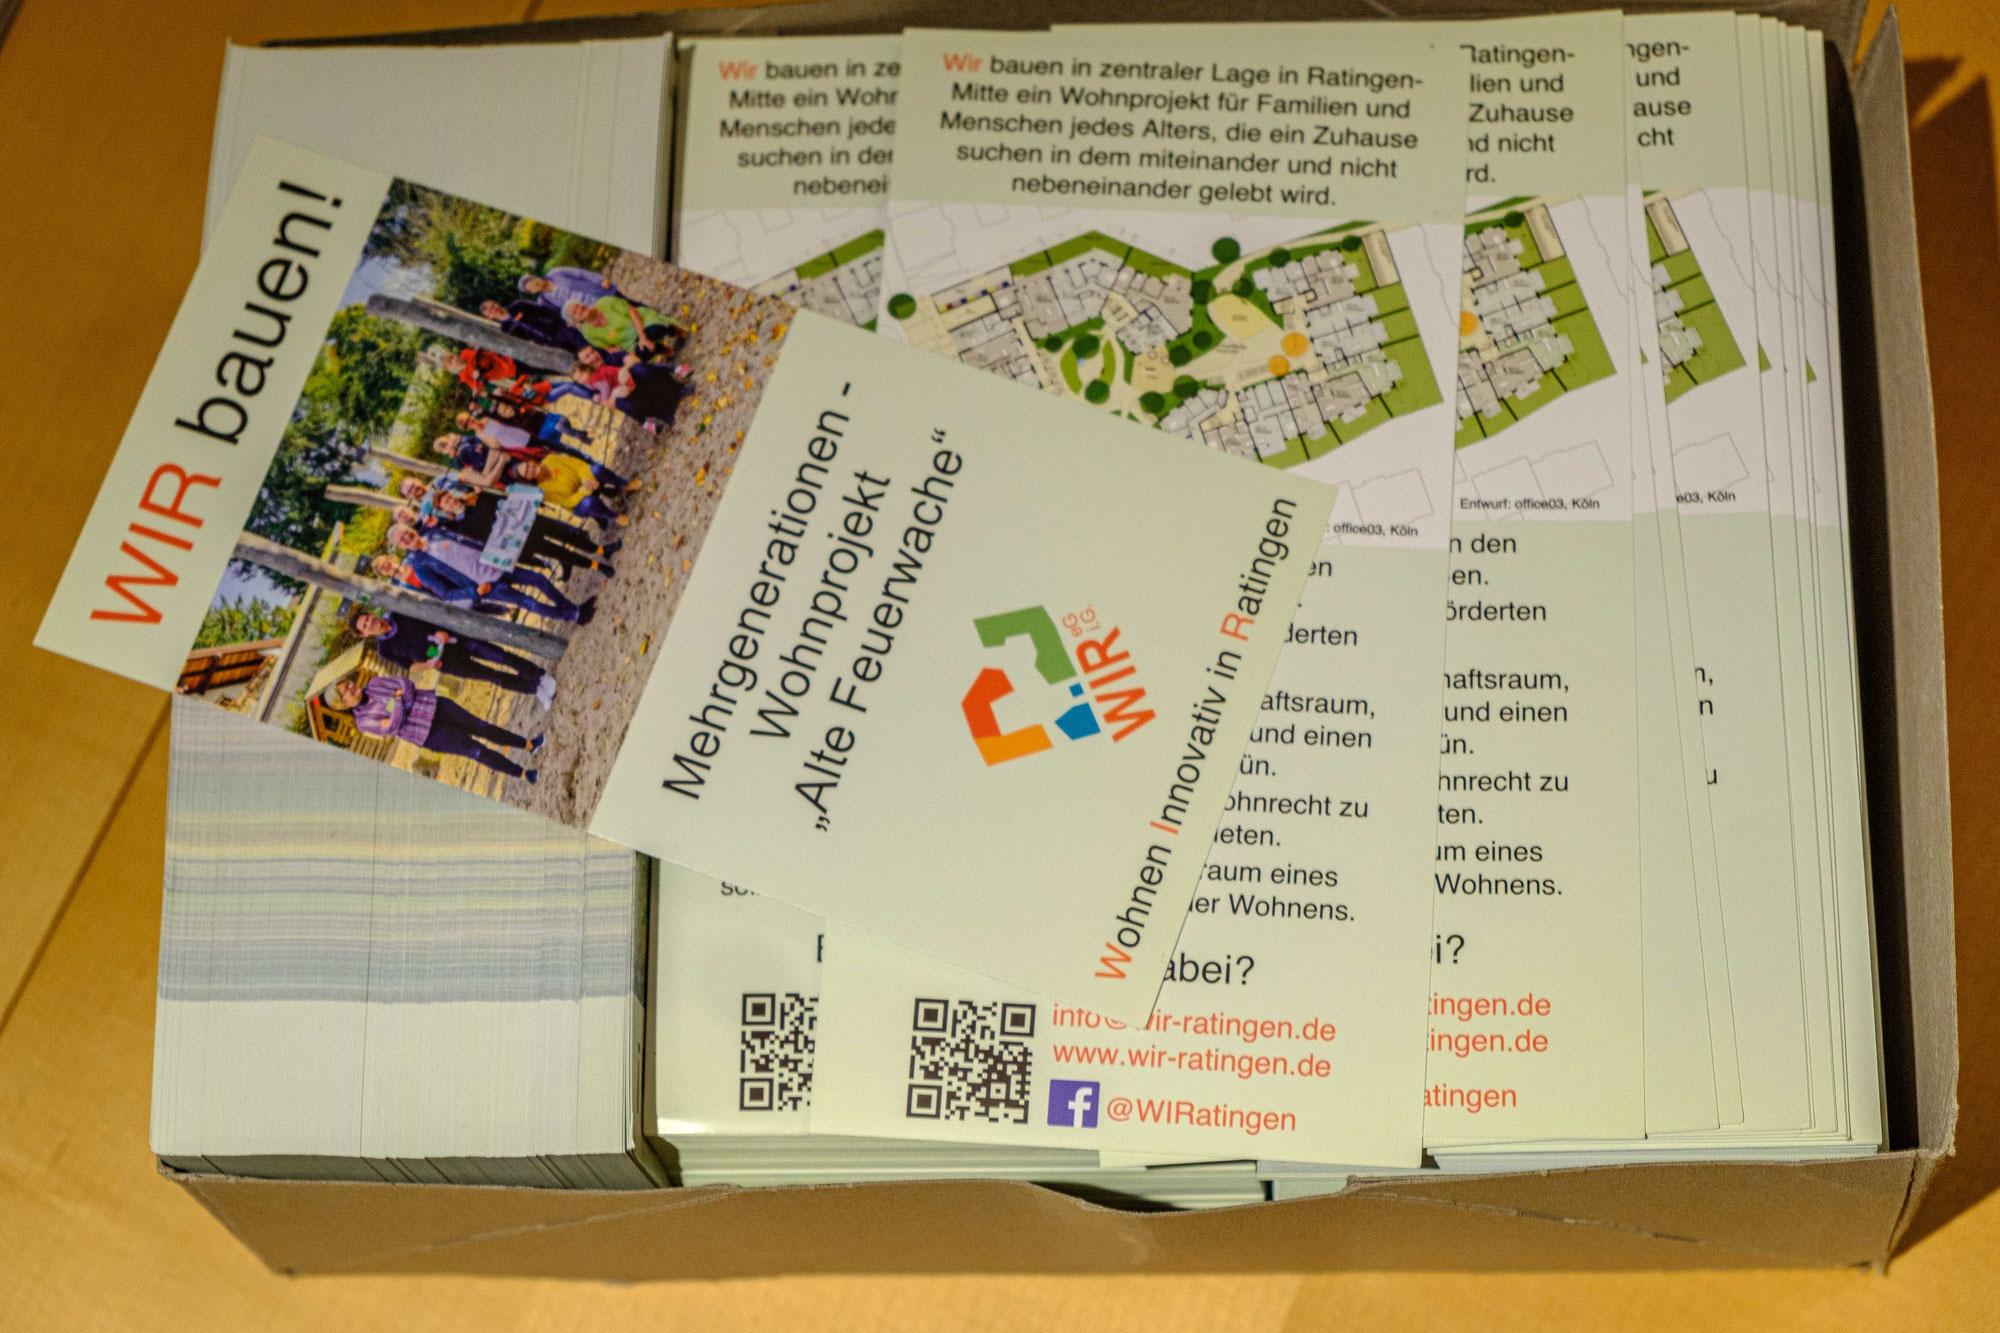 Neuer Flyer frisch aus der Druckerpresse!